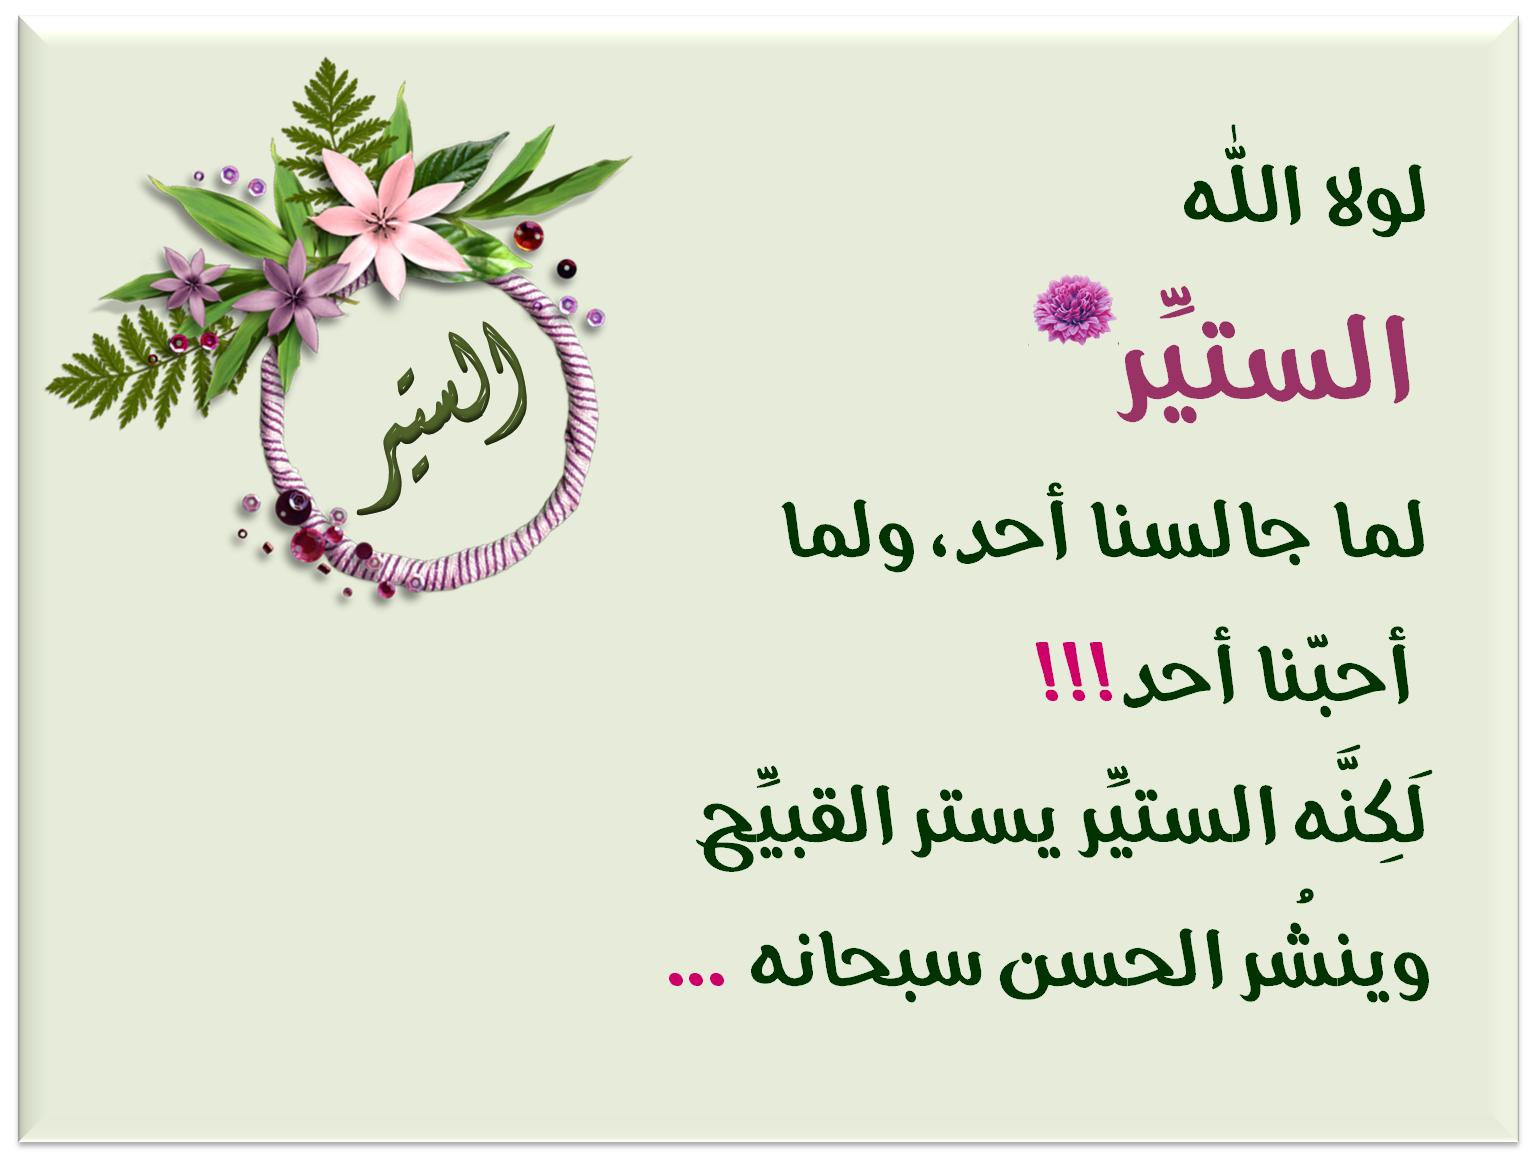 صور اسماء الله الحسني و معانيها مكتوبة علي رمزيات سوبر كايرو Islam Allah Names